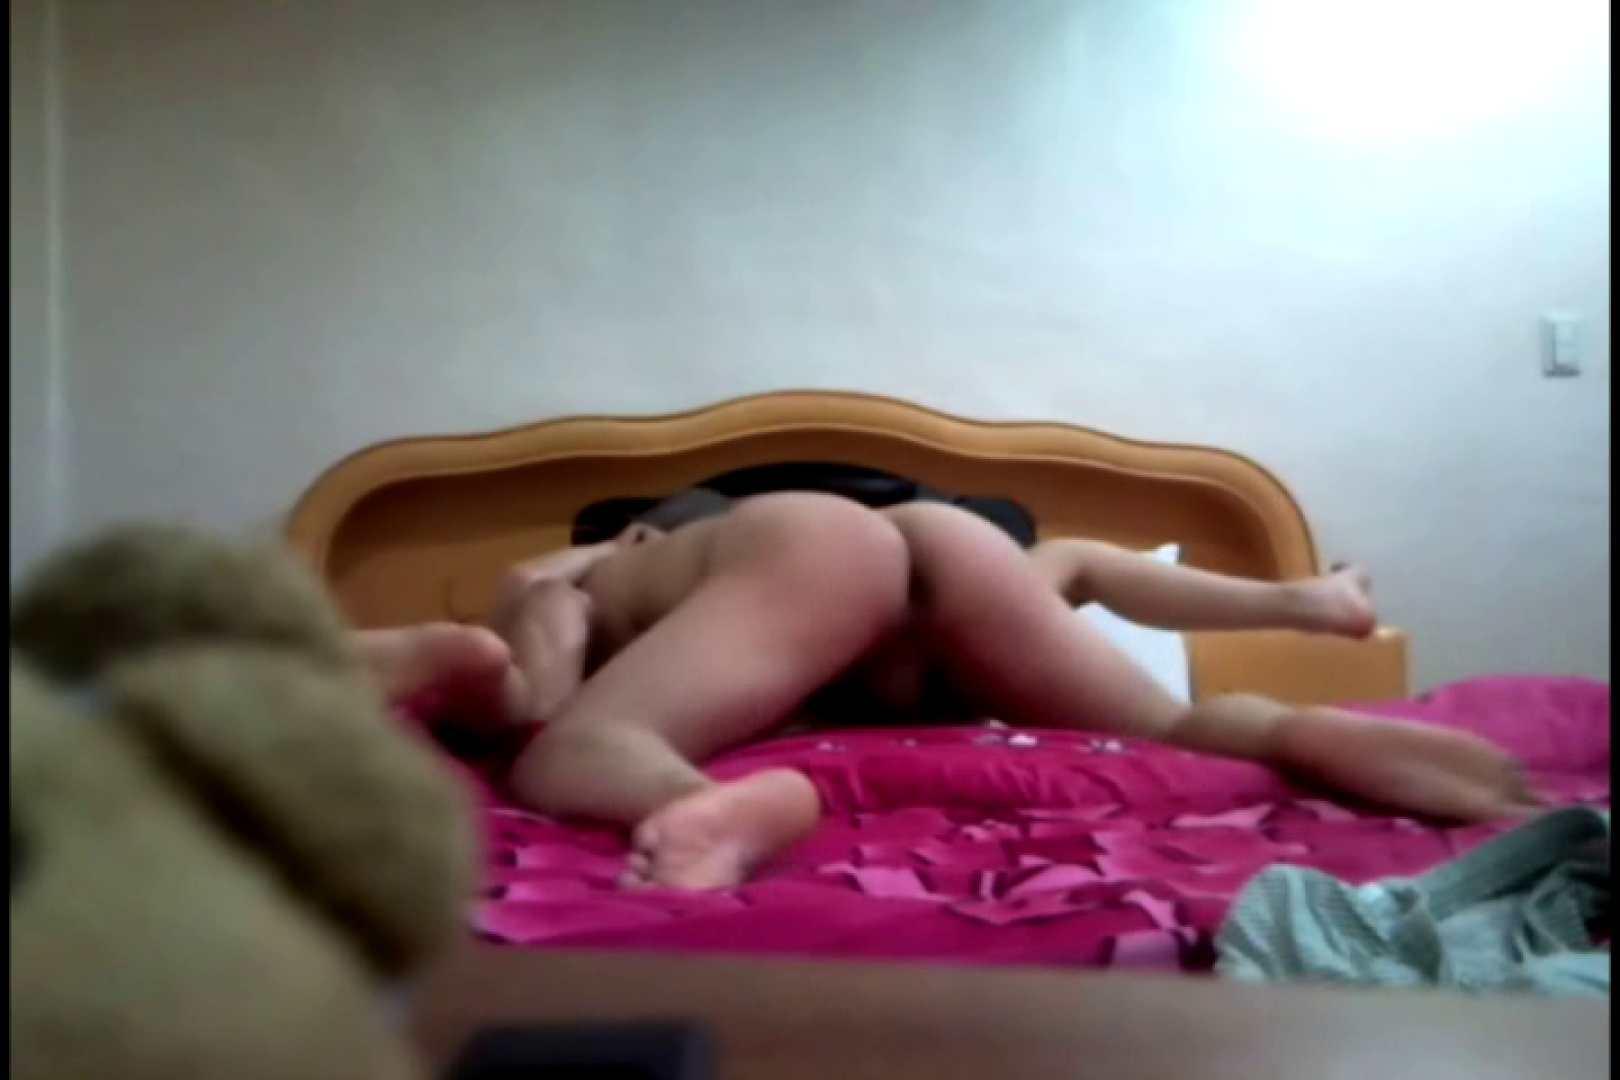 コリアン素人流出シリーズ ラブホテル隠し撮り ラブホテルへGO | 素人流出動画  97枚 31